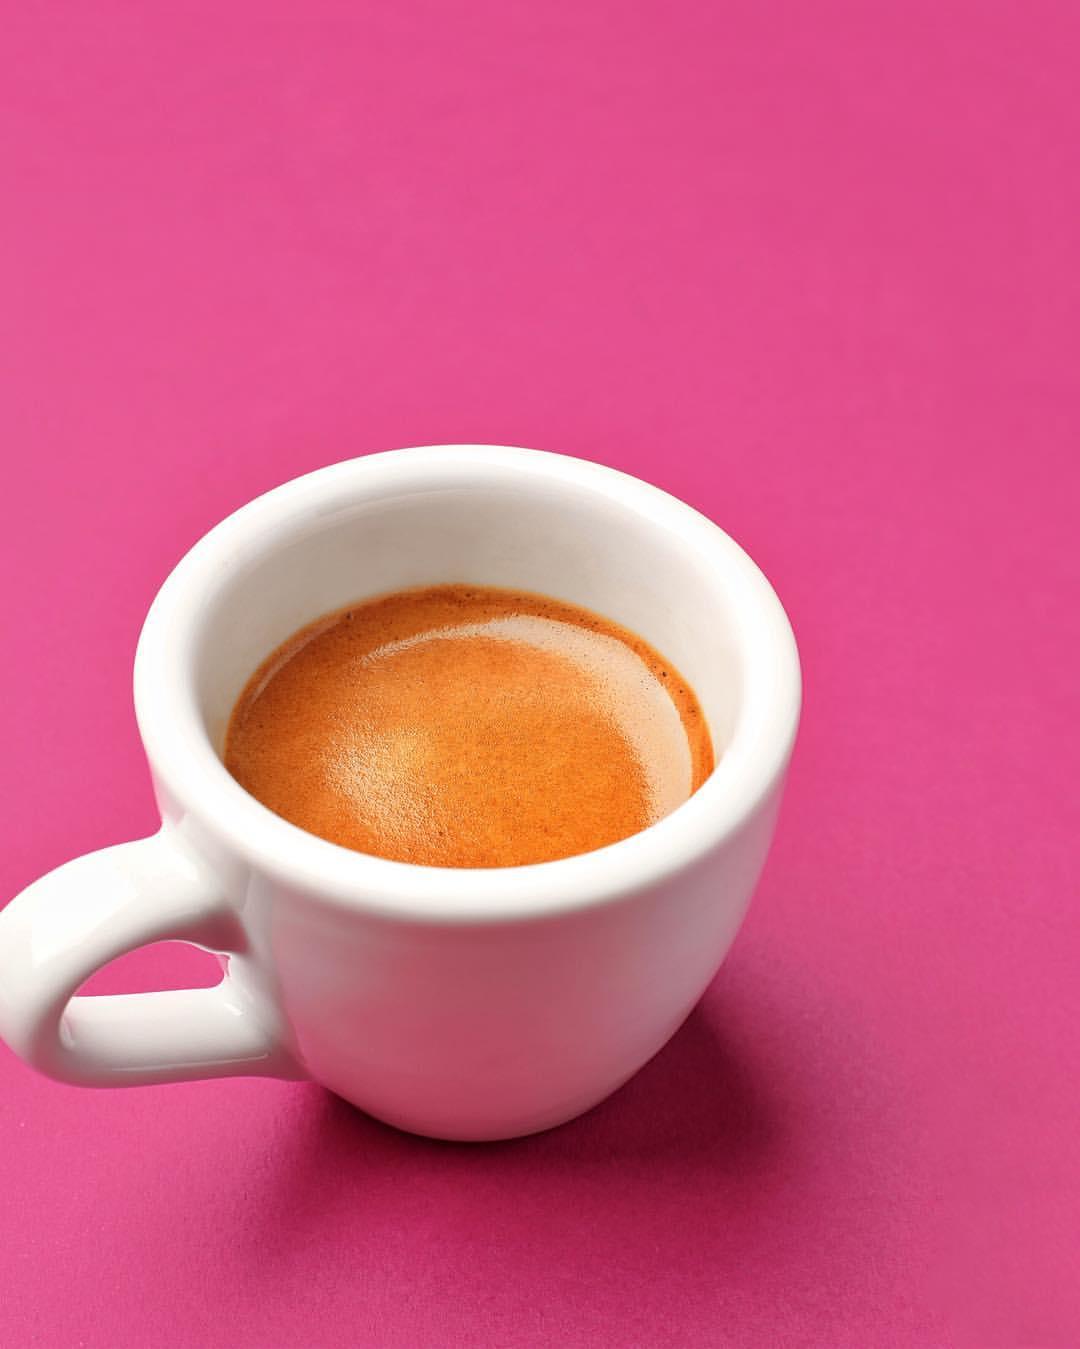 fotografia cafe diseño